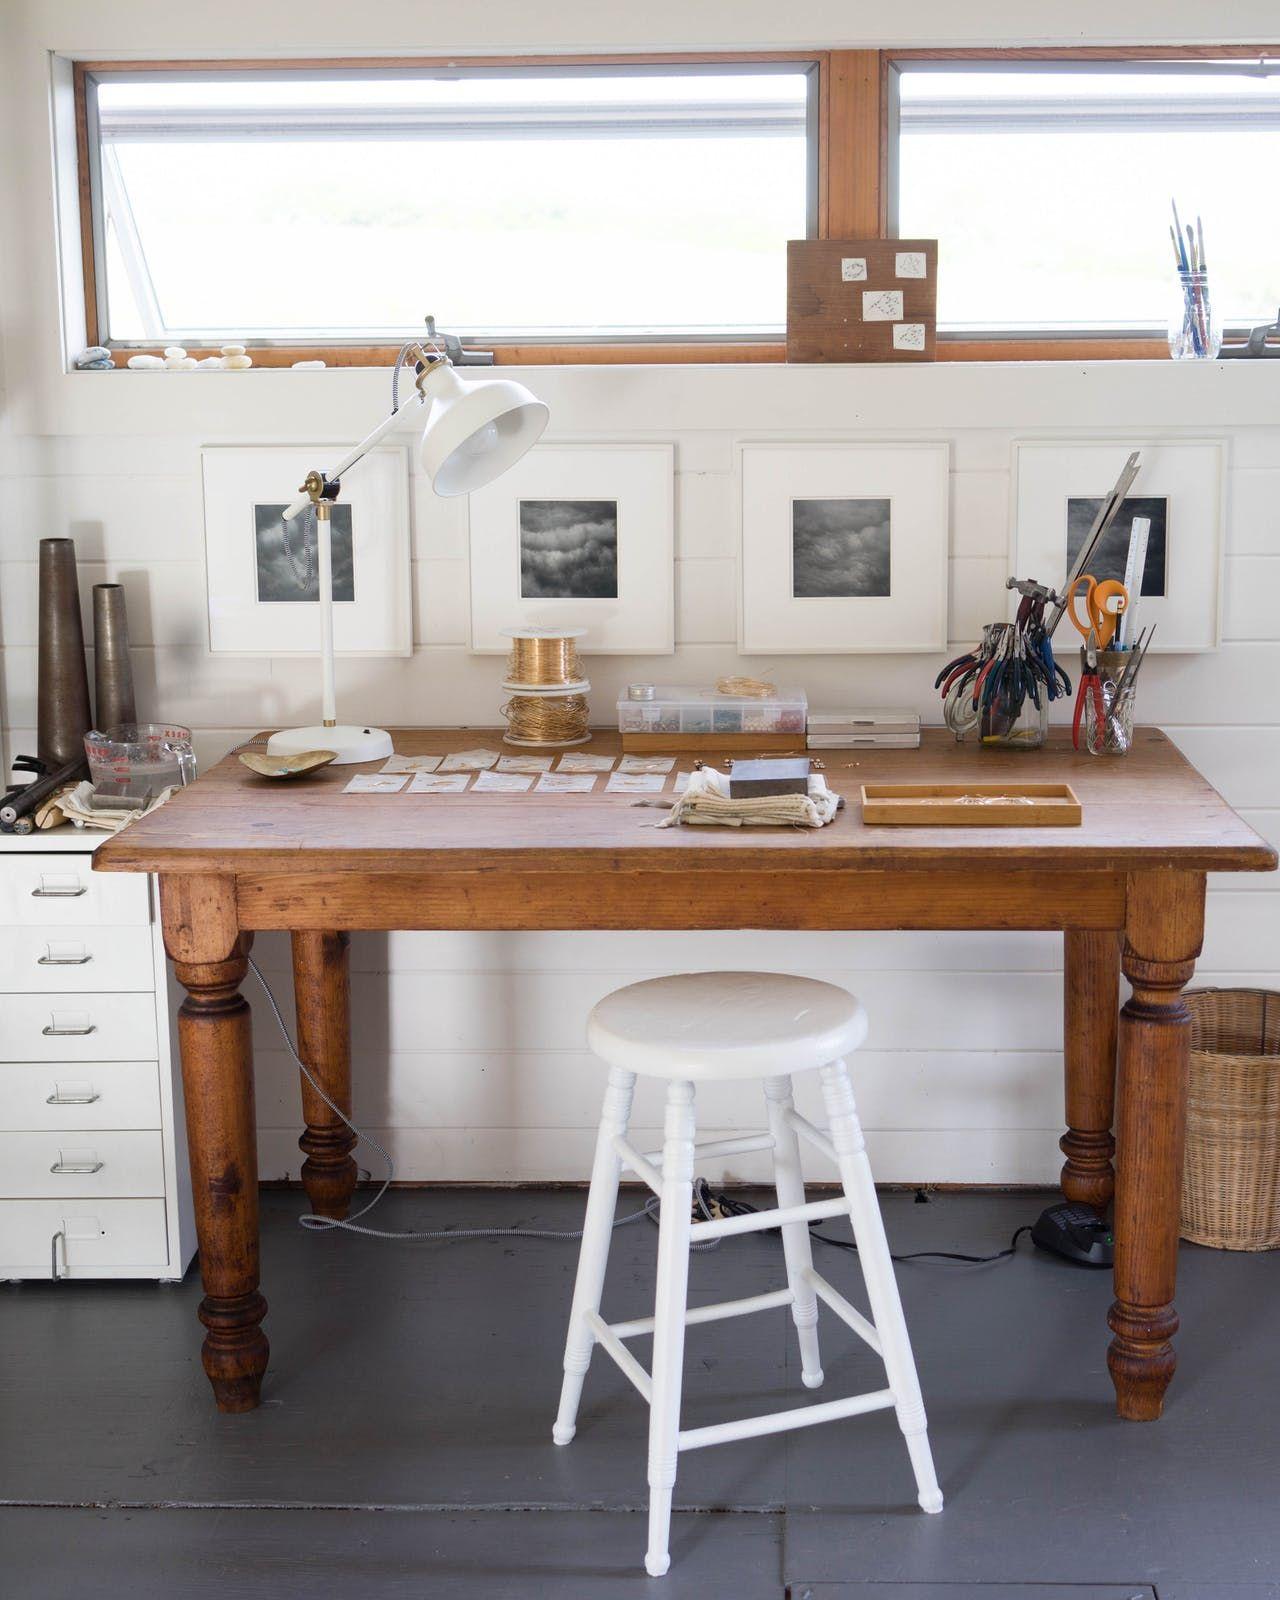 Mary MacGill's Minimal, Bright Jewelry Making Studio Ekkor